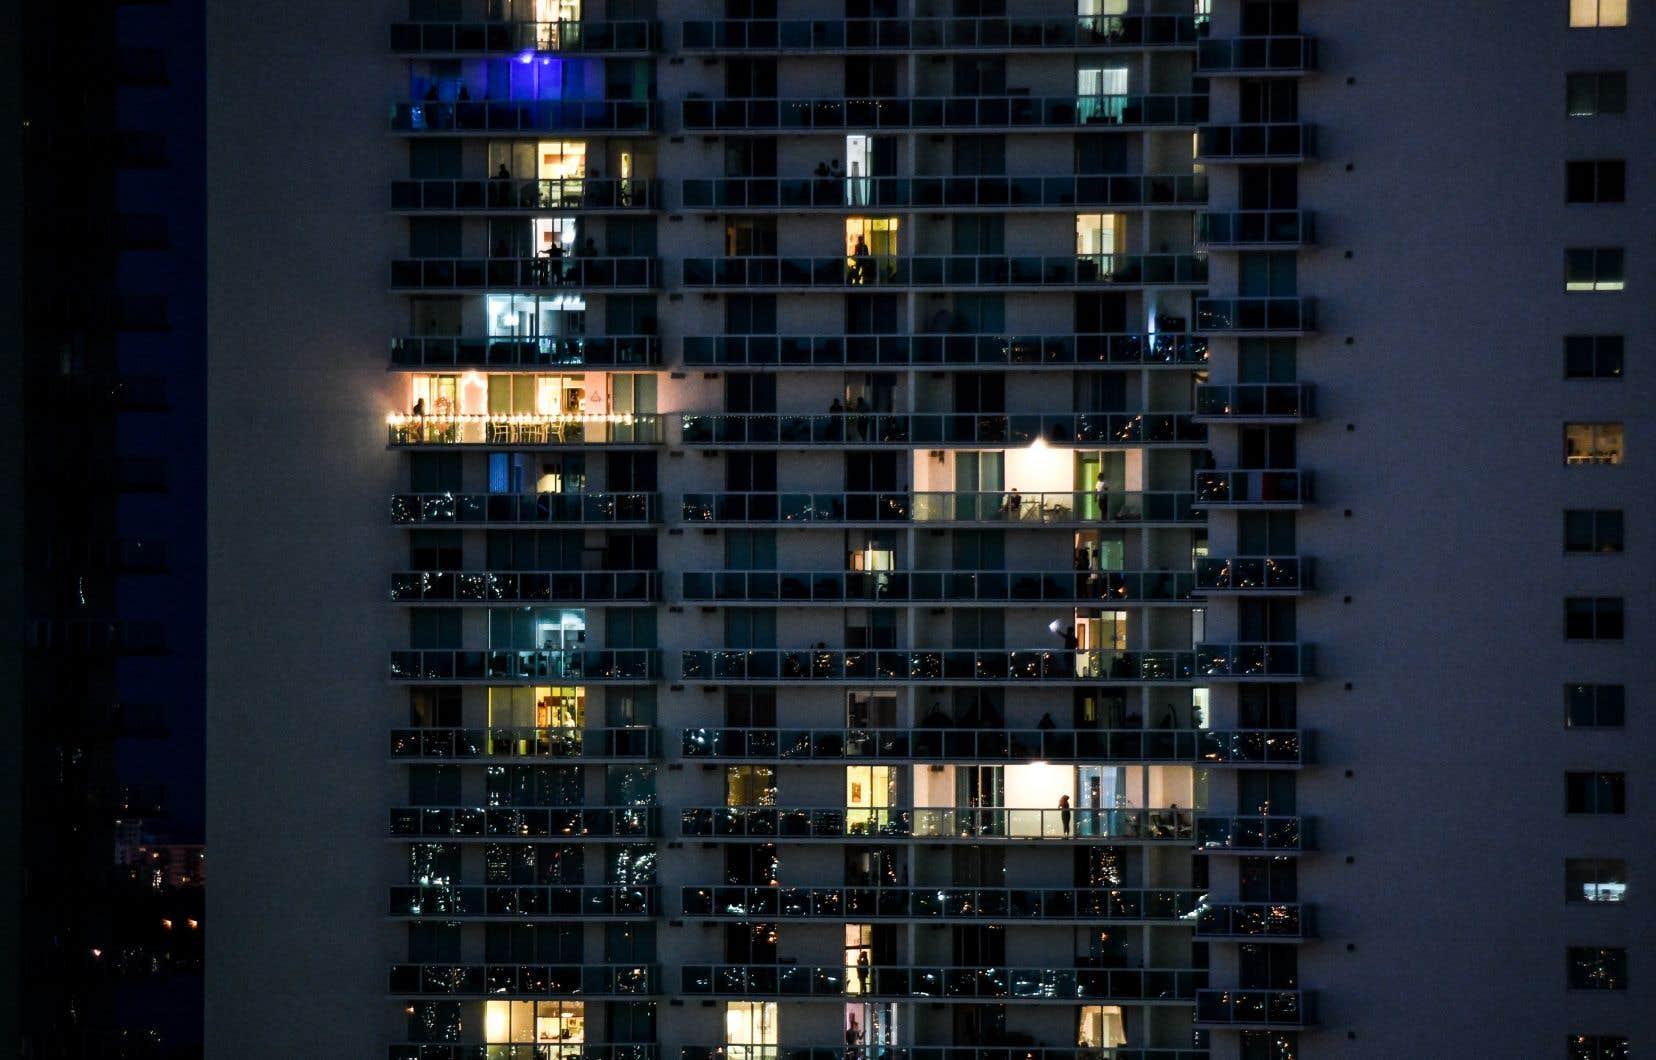 L'espagnol castillan a donné le «balconazi». Le mot décrit l'inquisiteur qui dénonce ses voisins après avoir observé de son balcon leur va-et-vient dans la rue, sans même savoir s'ils ont de bonnes raisons de se promener.